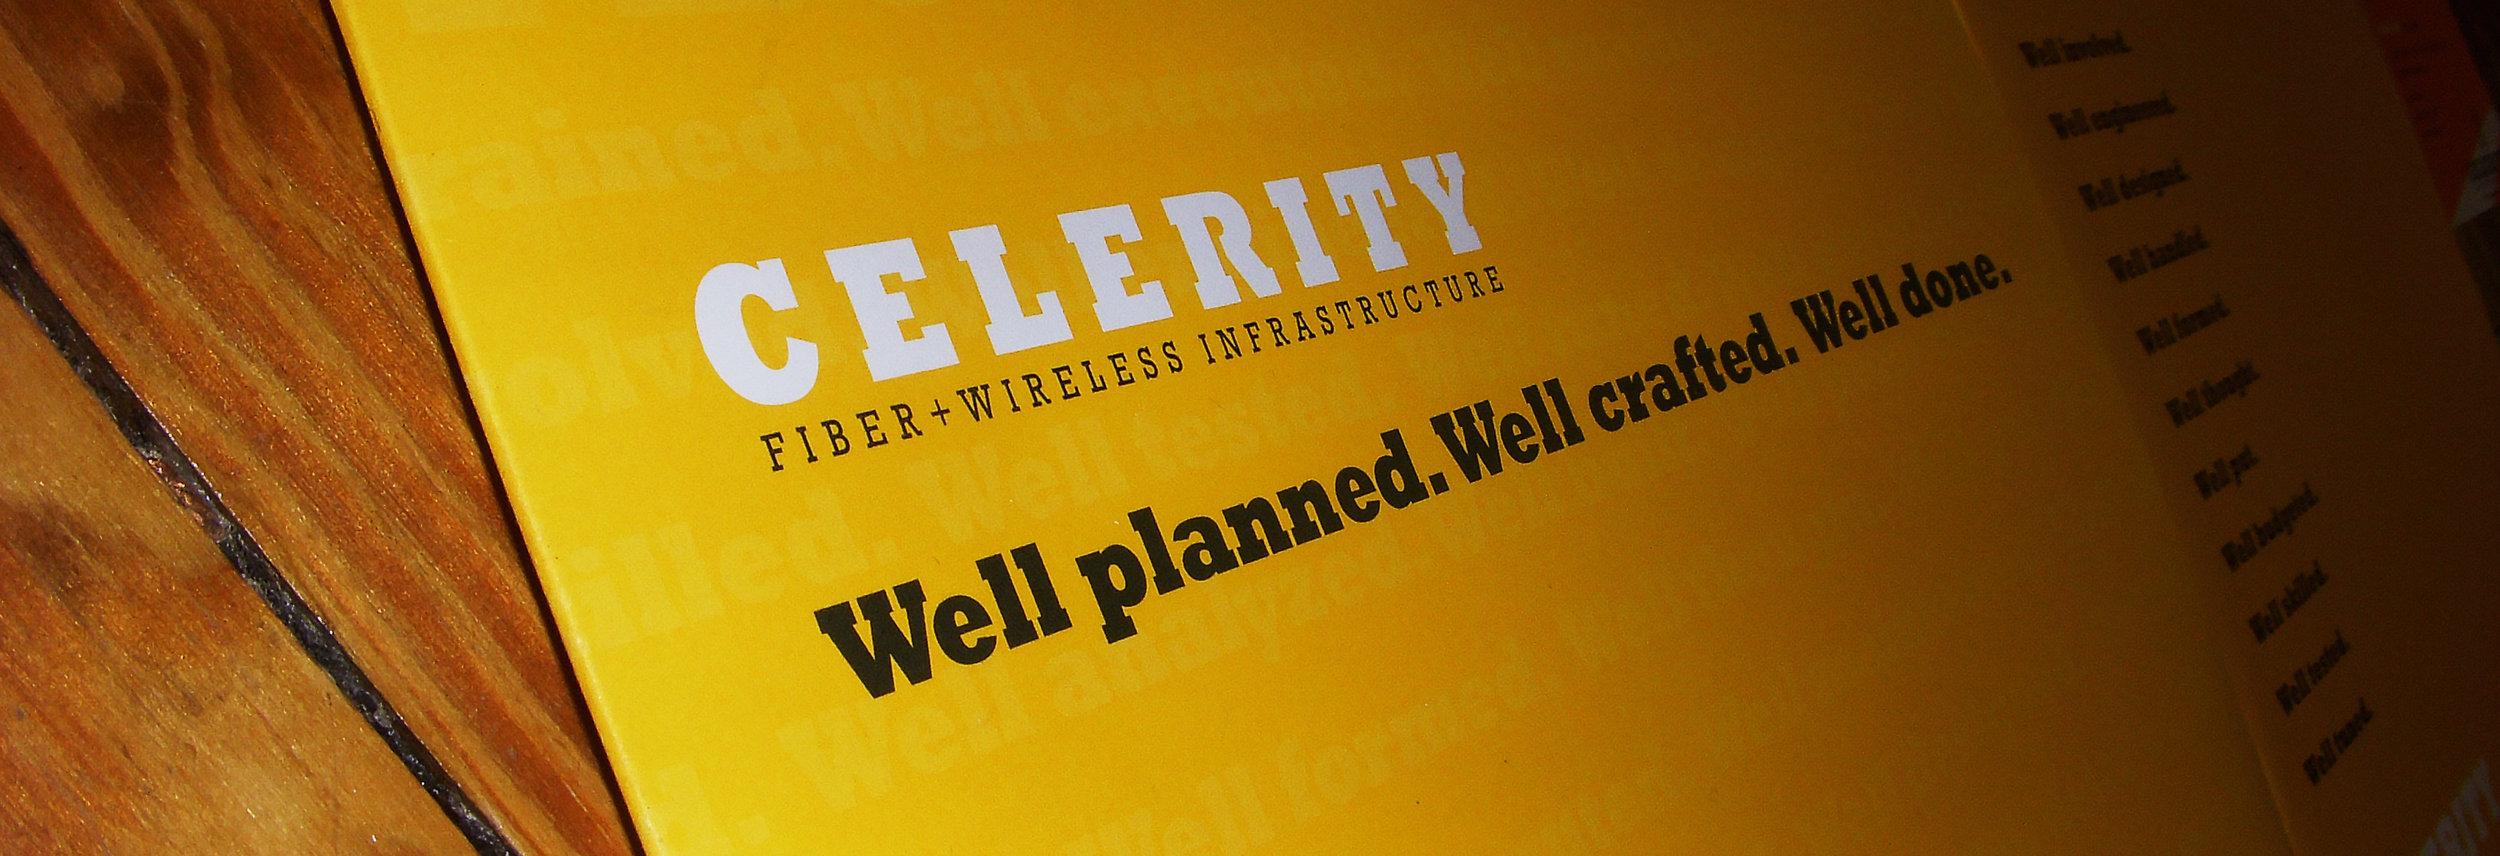 CELERITY-presentationfolder.jpg